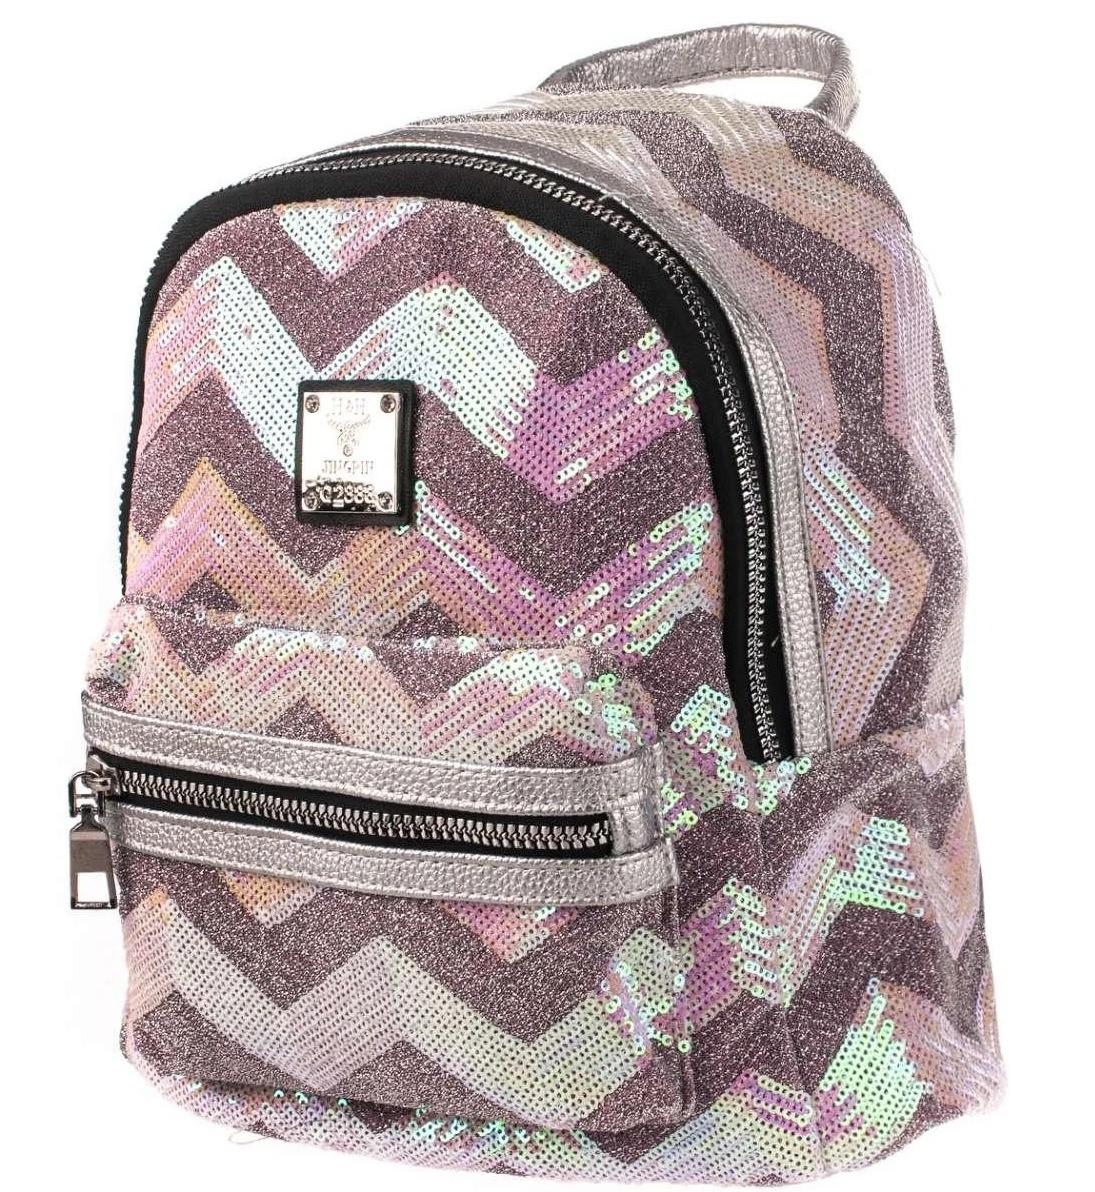 Рюкзак женский городской из текстиля с пайетками BR-S 1224917120